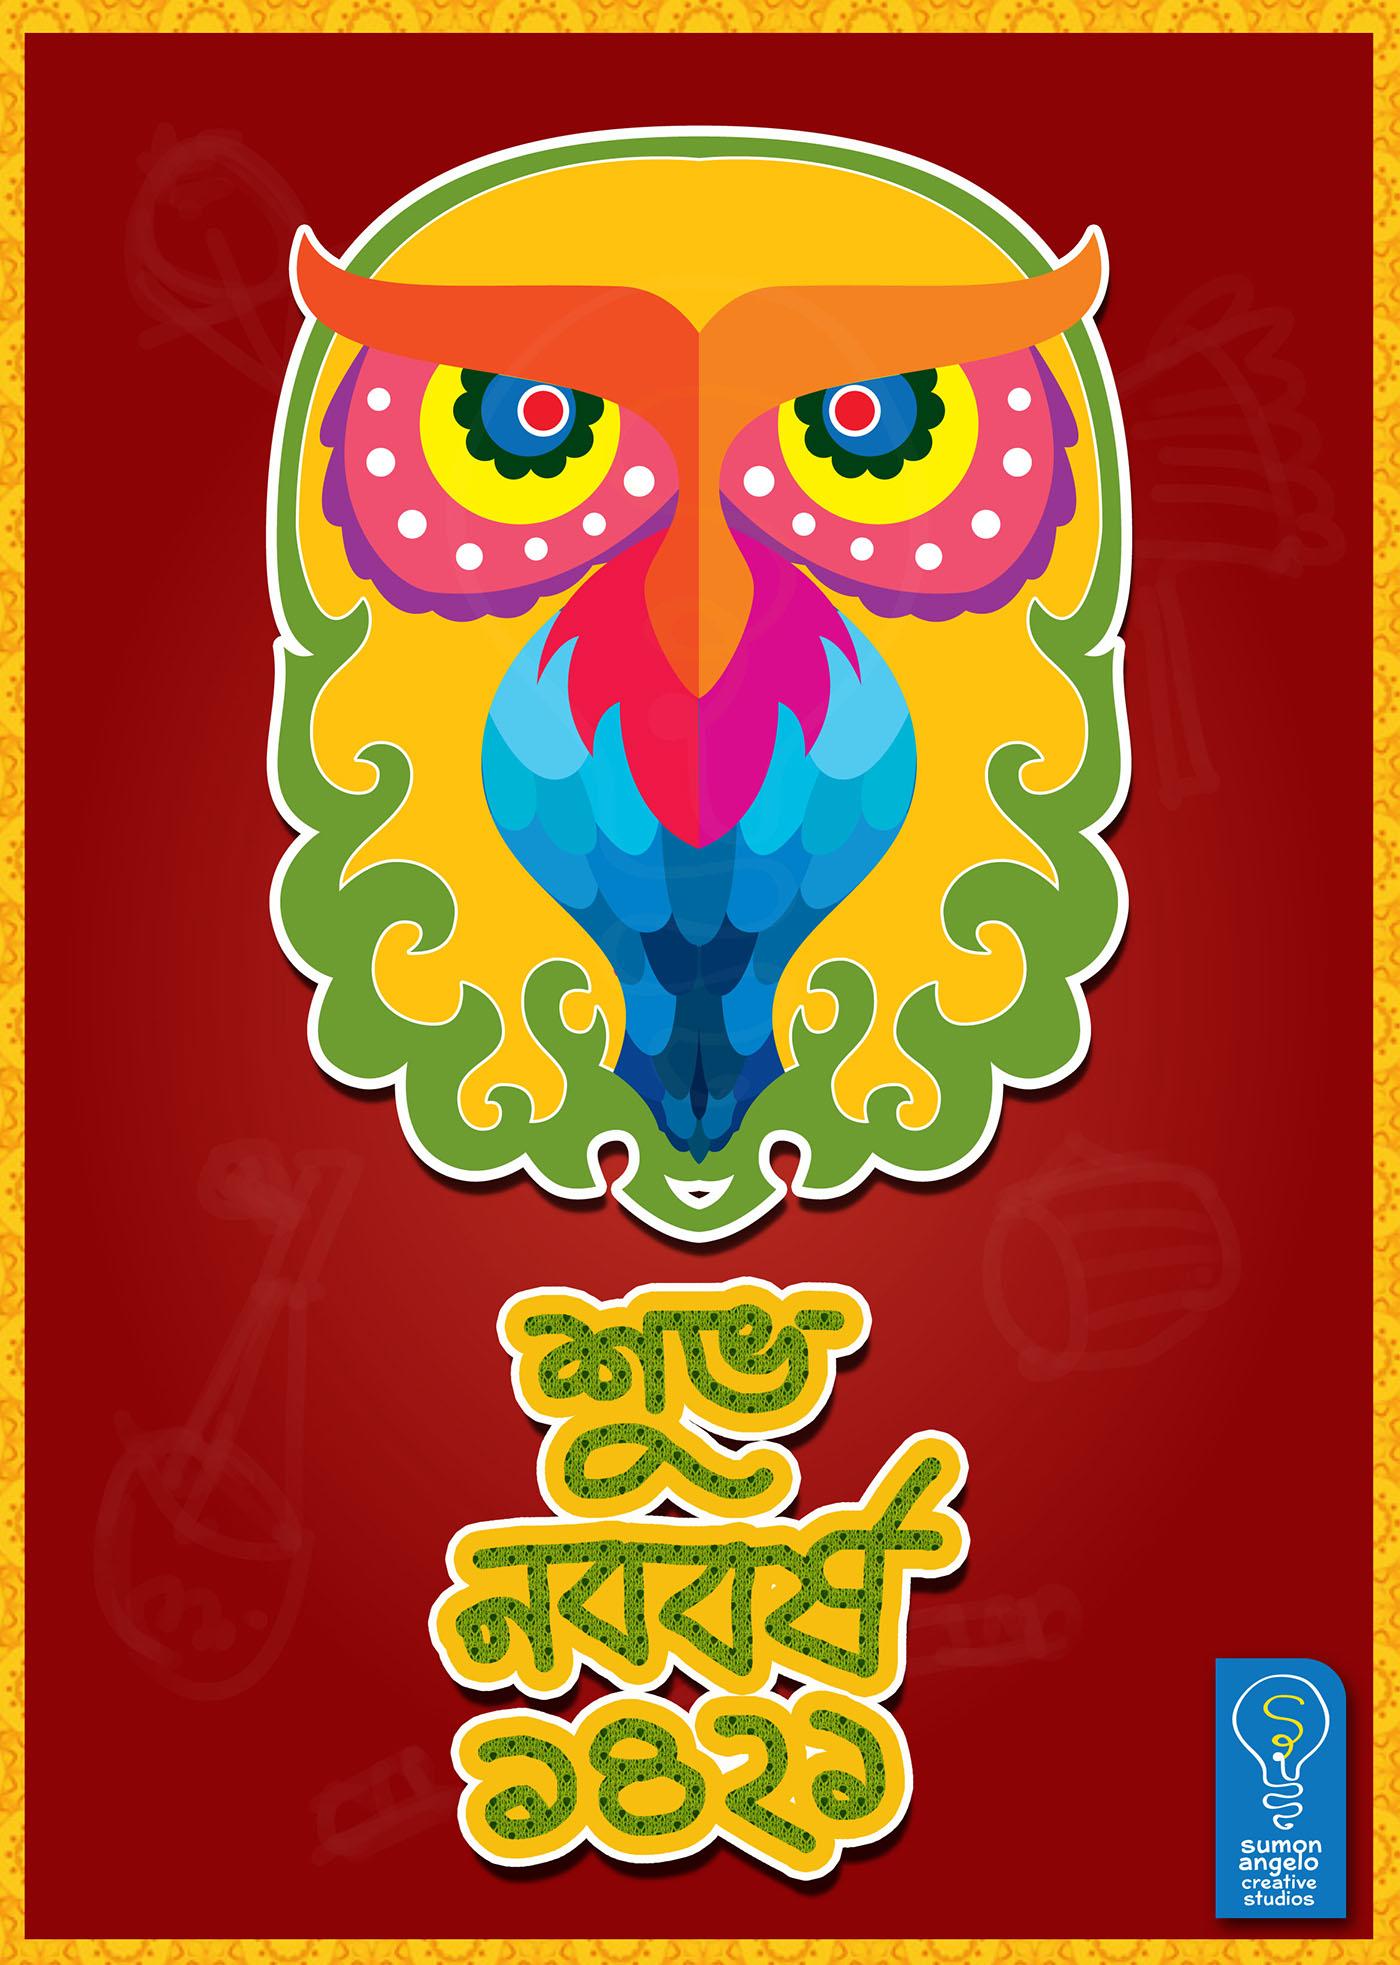 pohela boishakh 1421 on behance